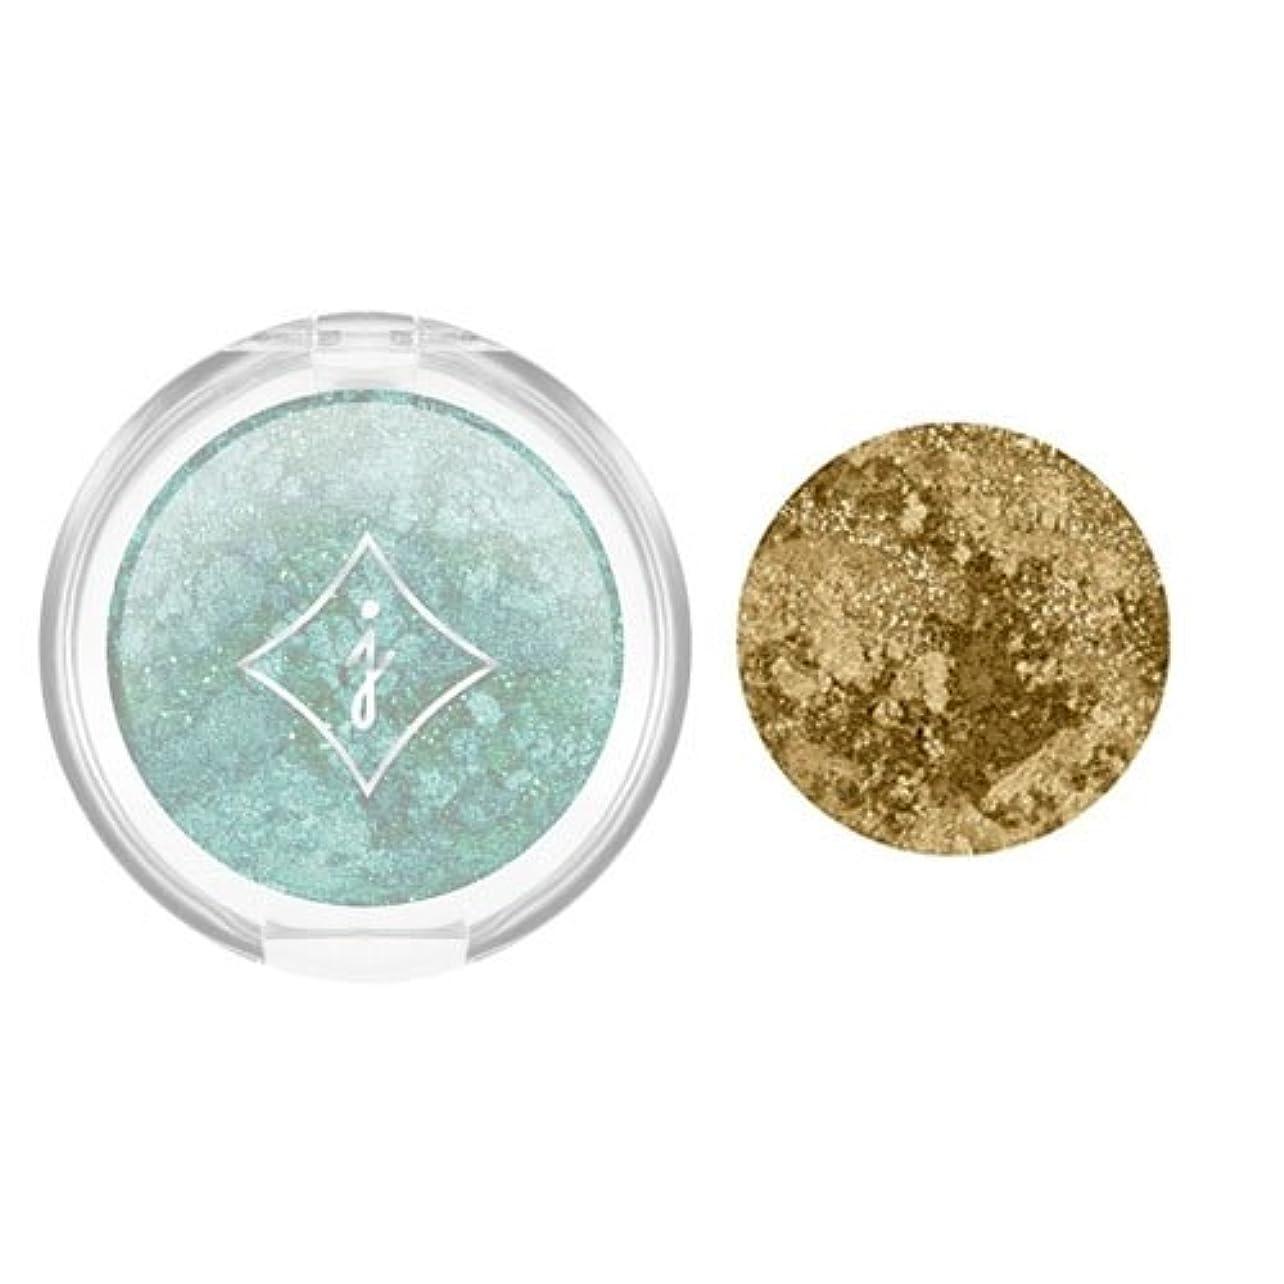 それら消すやむを得ないJORDANA Eye Glitz Sparkling Cream Eyeshadow - Gold Gleam (並行輸入品)